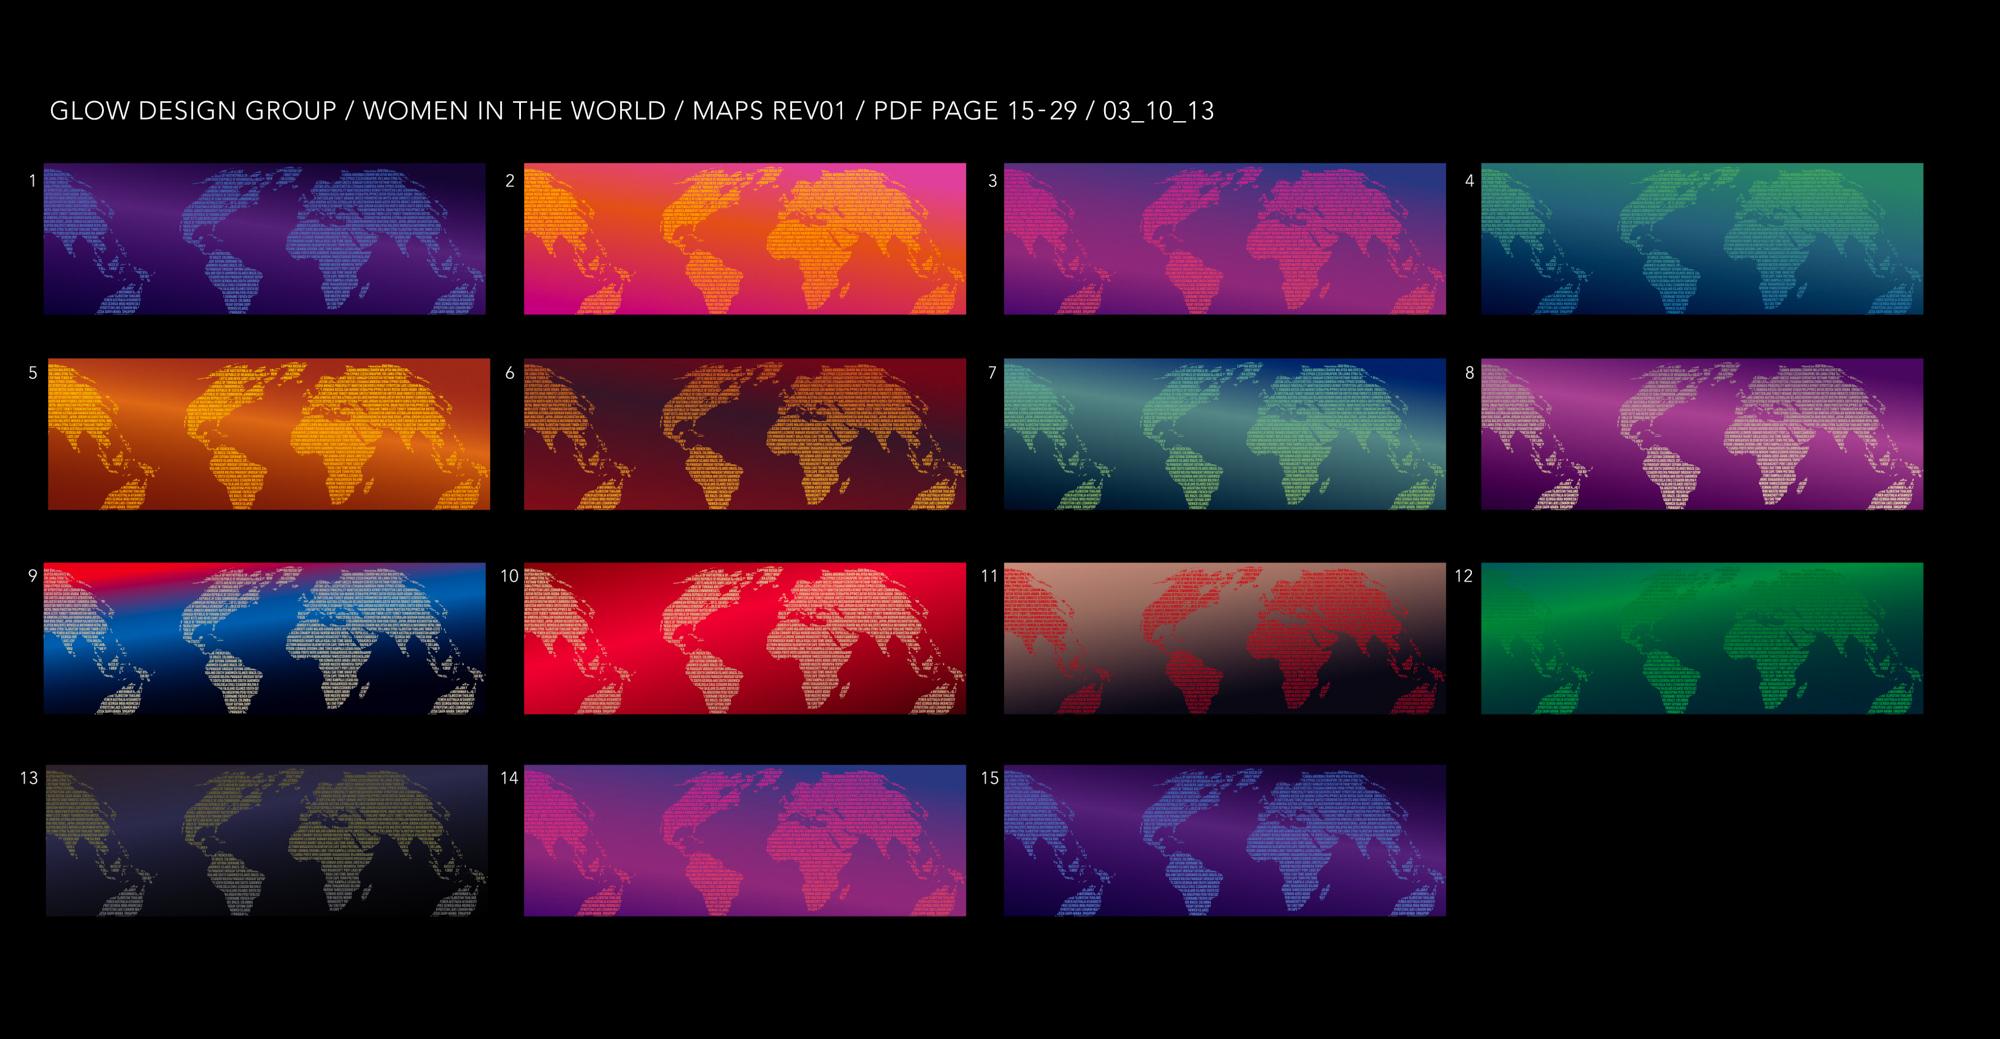 22_WITW_MAPS_PRESENT_rev01.jpg